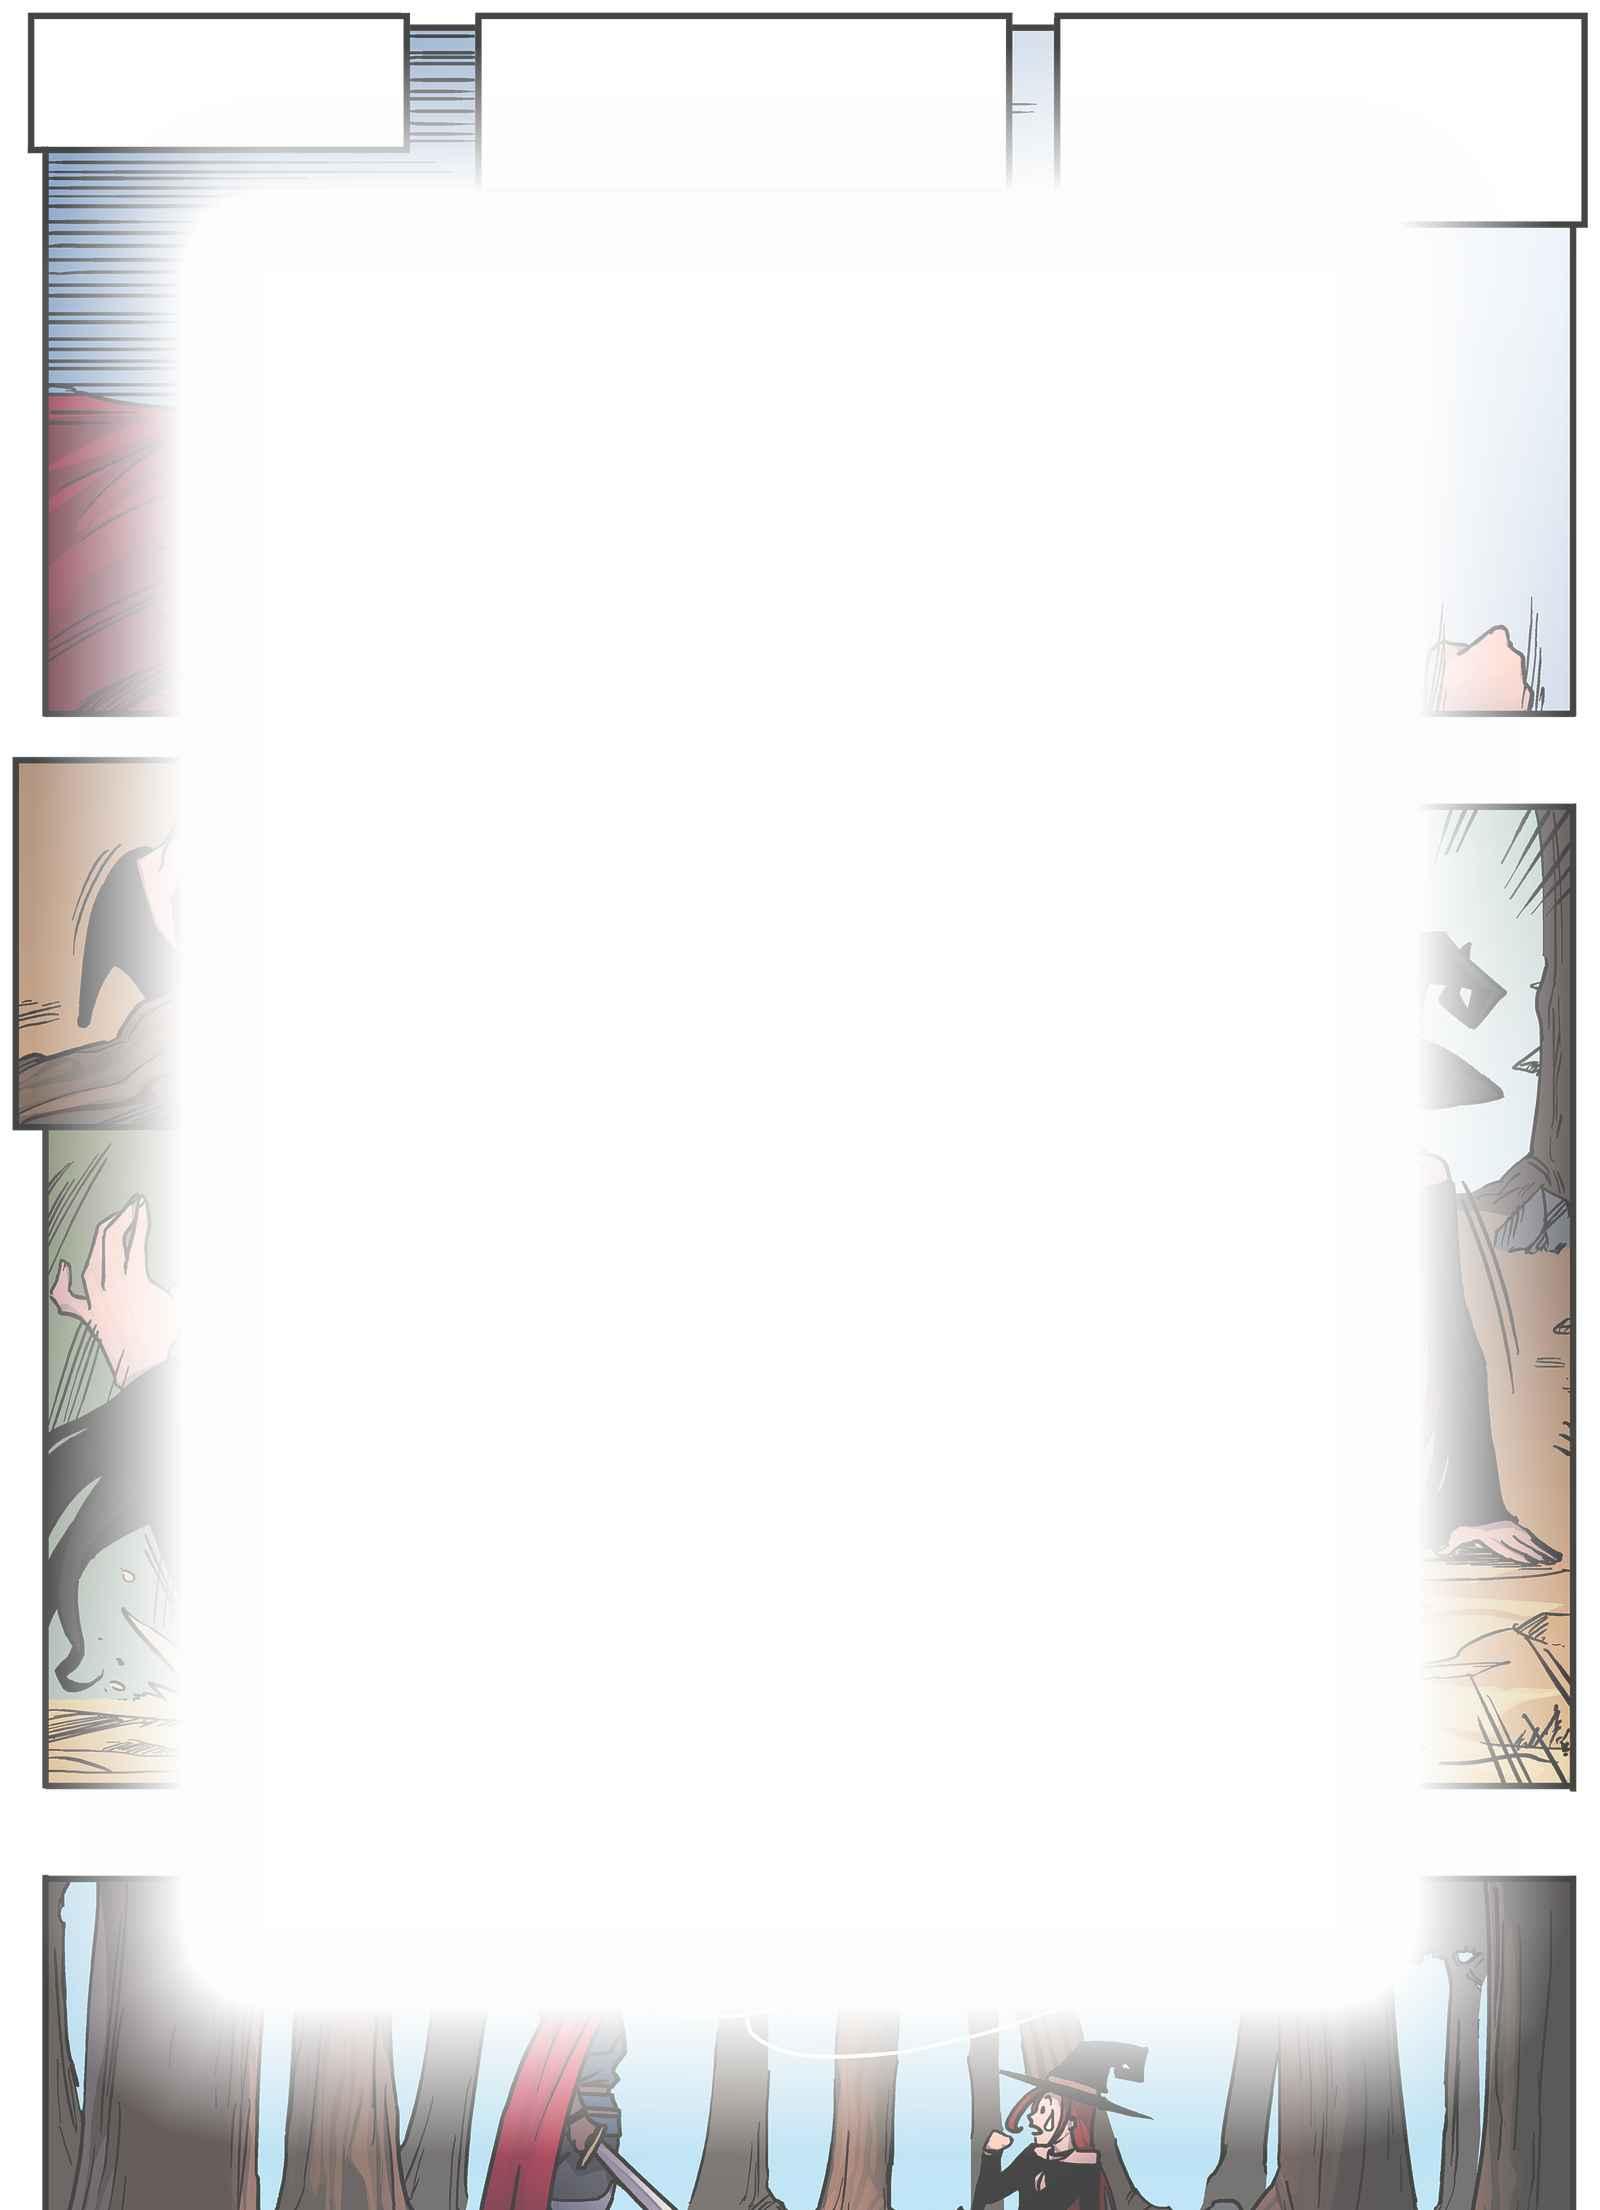 Hemisferios : Capítulo 10 página 2